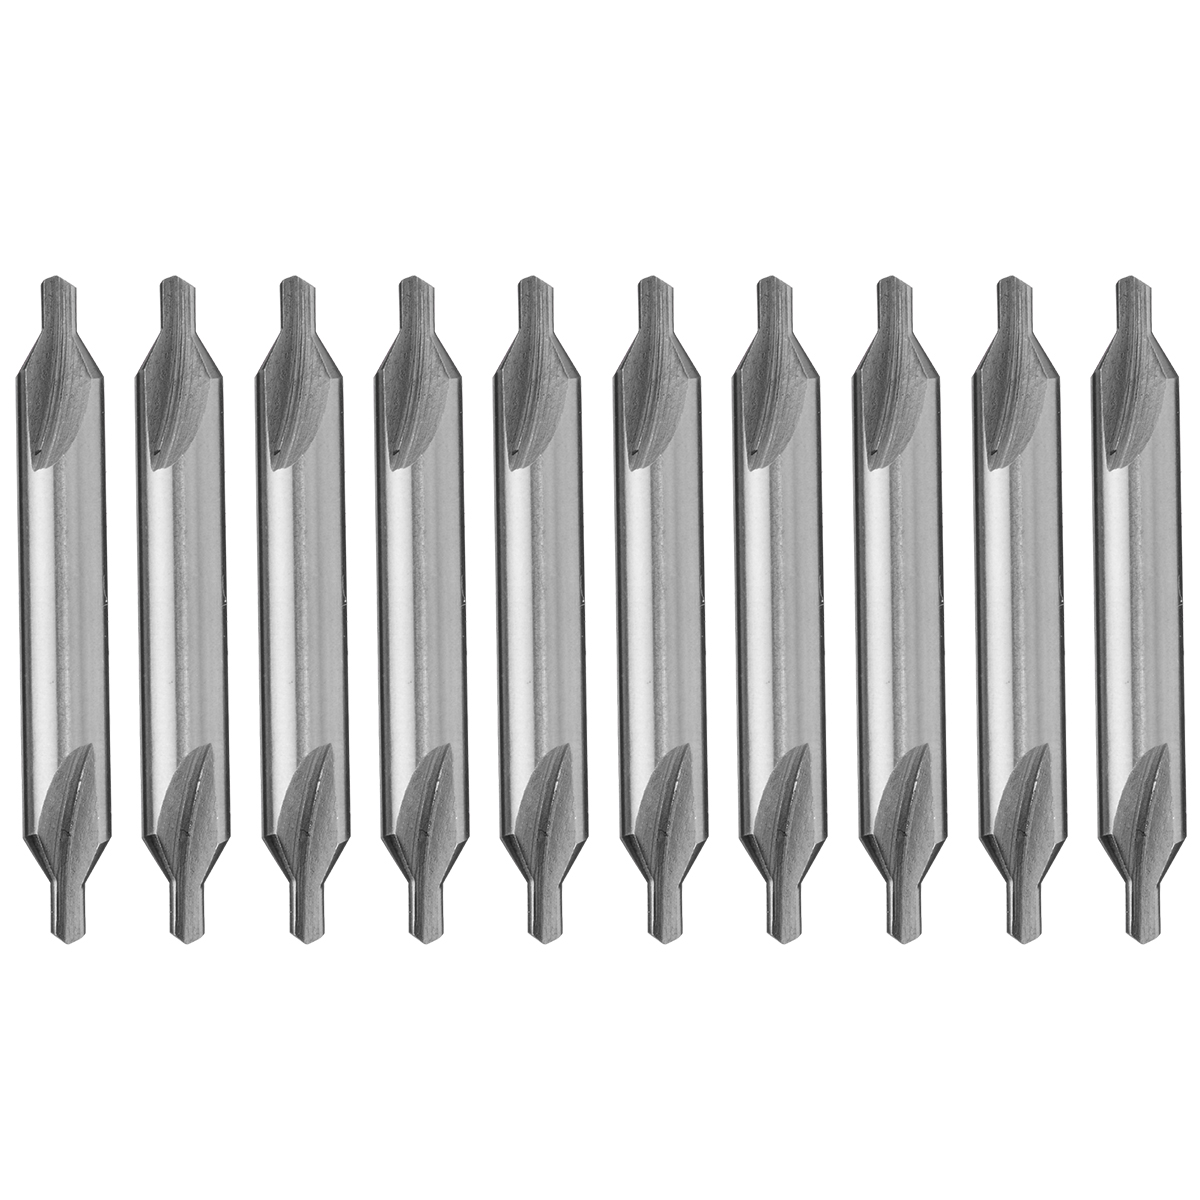 10Pcs/Set 60 Degree HSS Combined Center Drill Countersink Bit Lathe Tool Set 2.5mm Center Bit Hand Tools